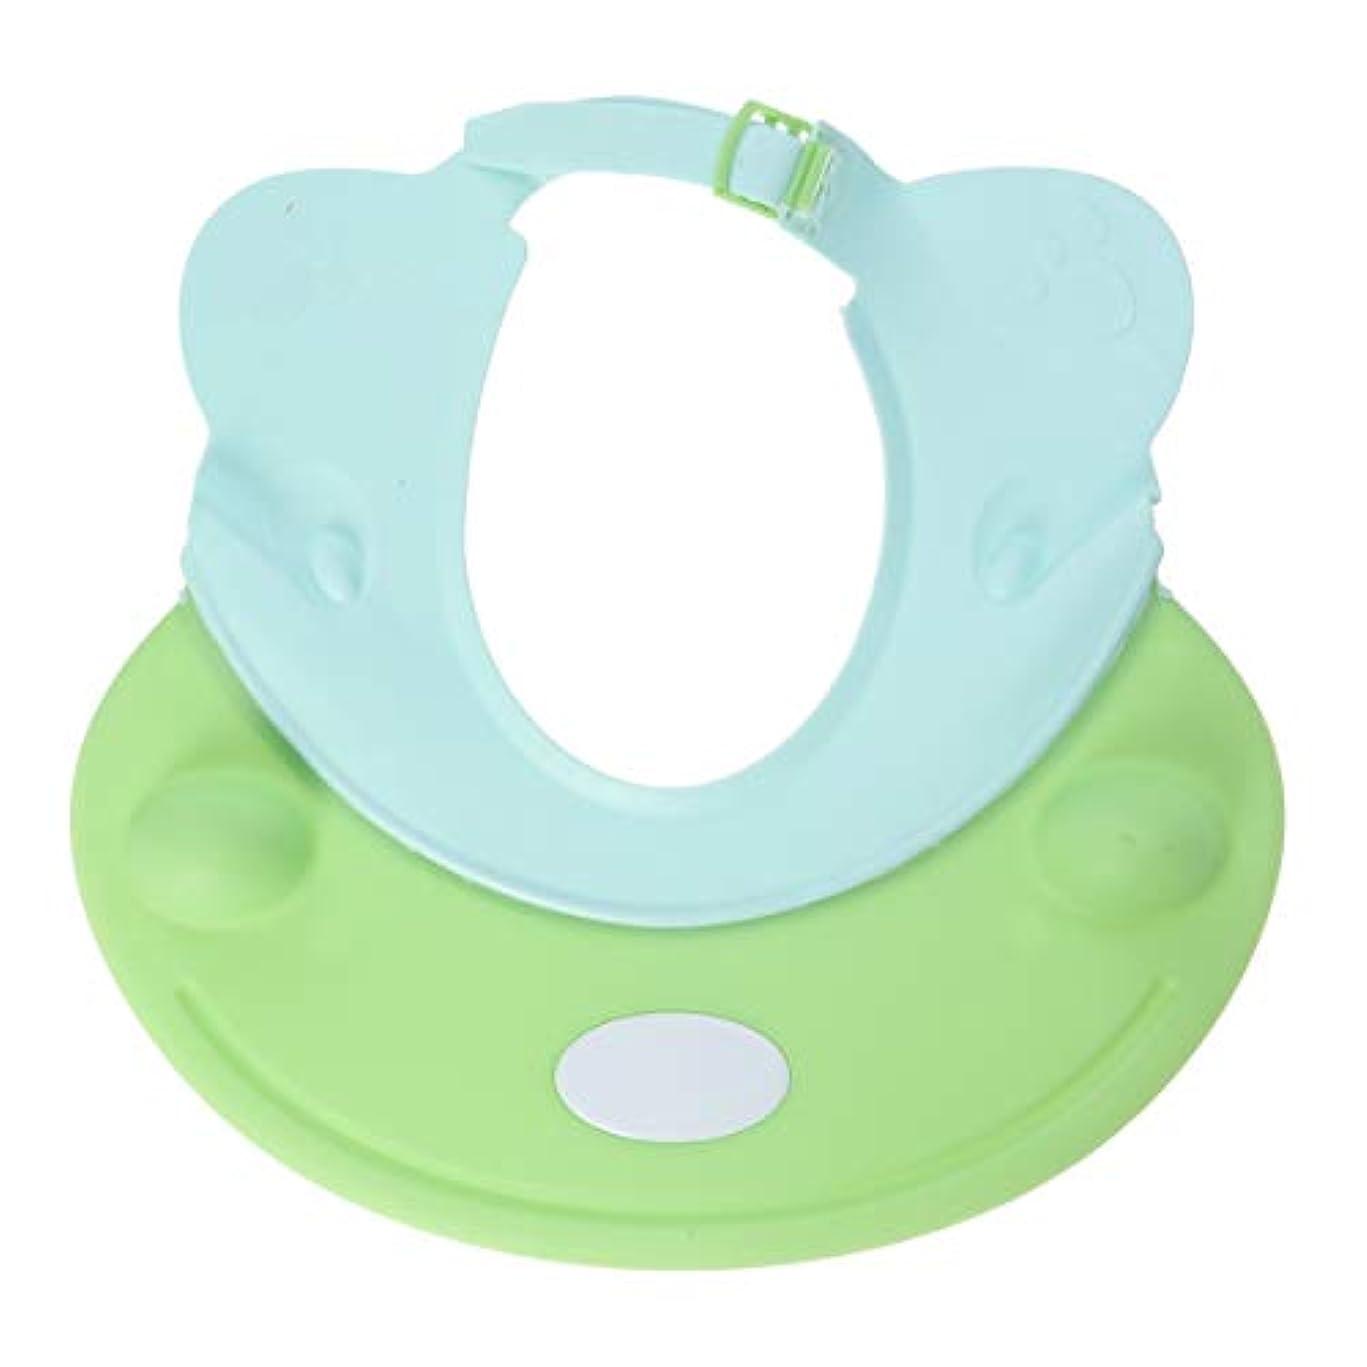 絶えず増加するチャンスSUPVOX ベビーシャワーキャップシャンプー入浴保護帽子カバ形ソフトアジャスタブルバイザーキャップ用幼児子供用ベビーキッズ(グリーン)